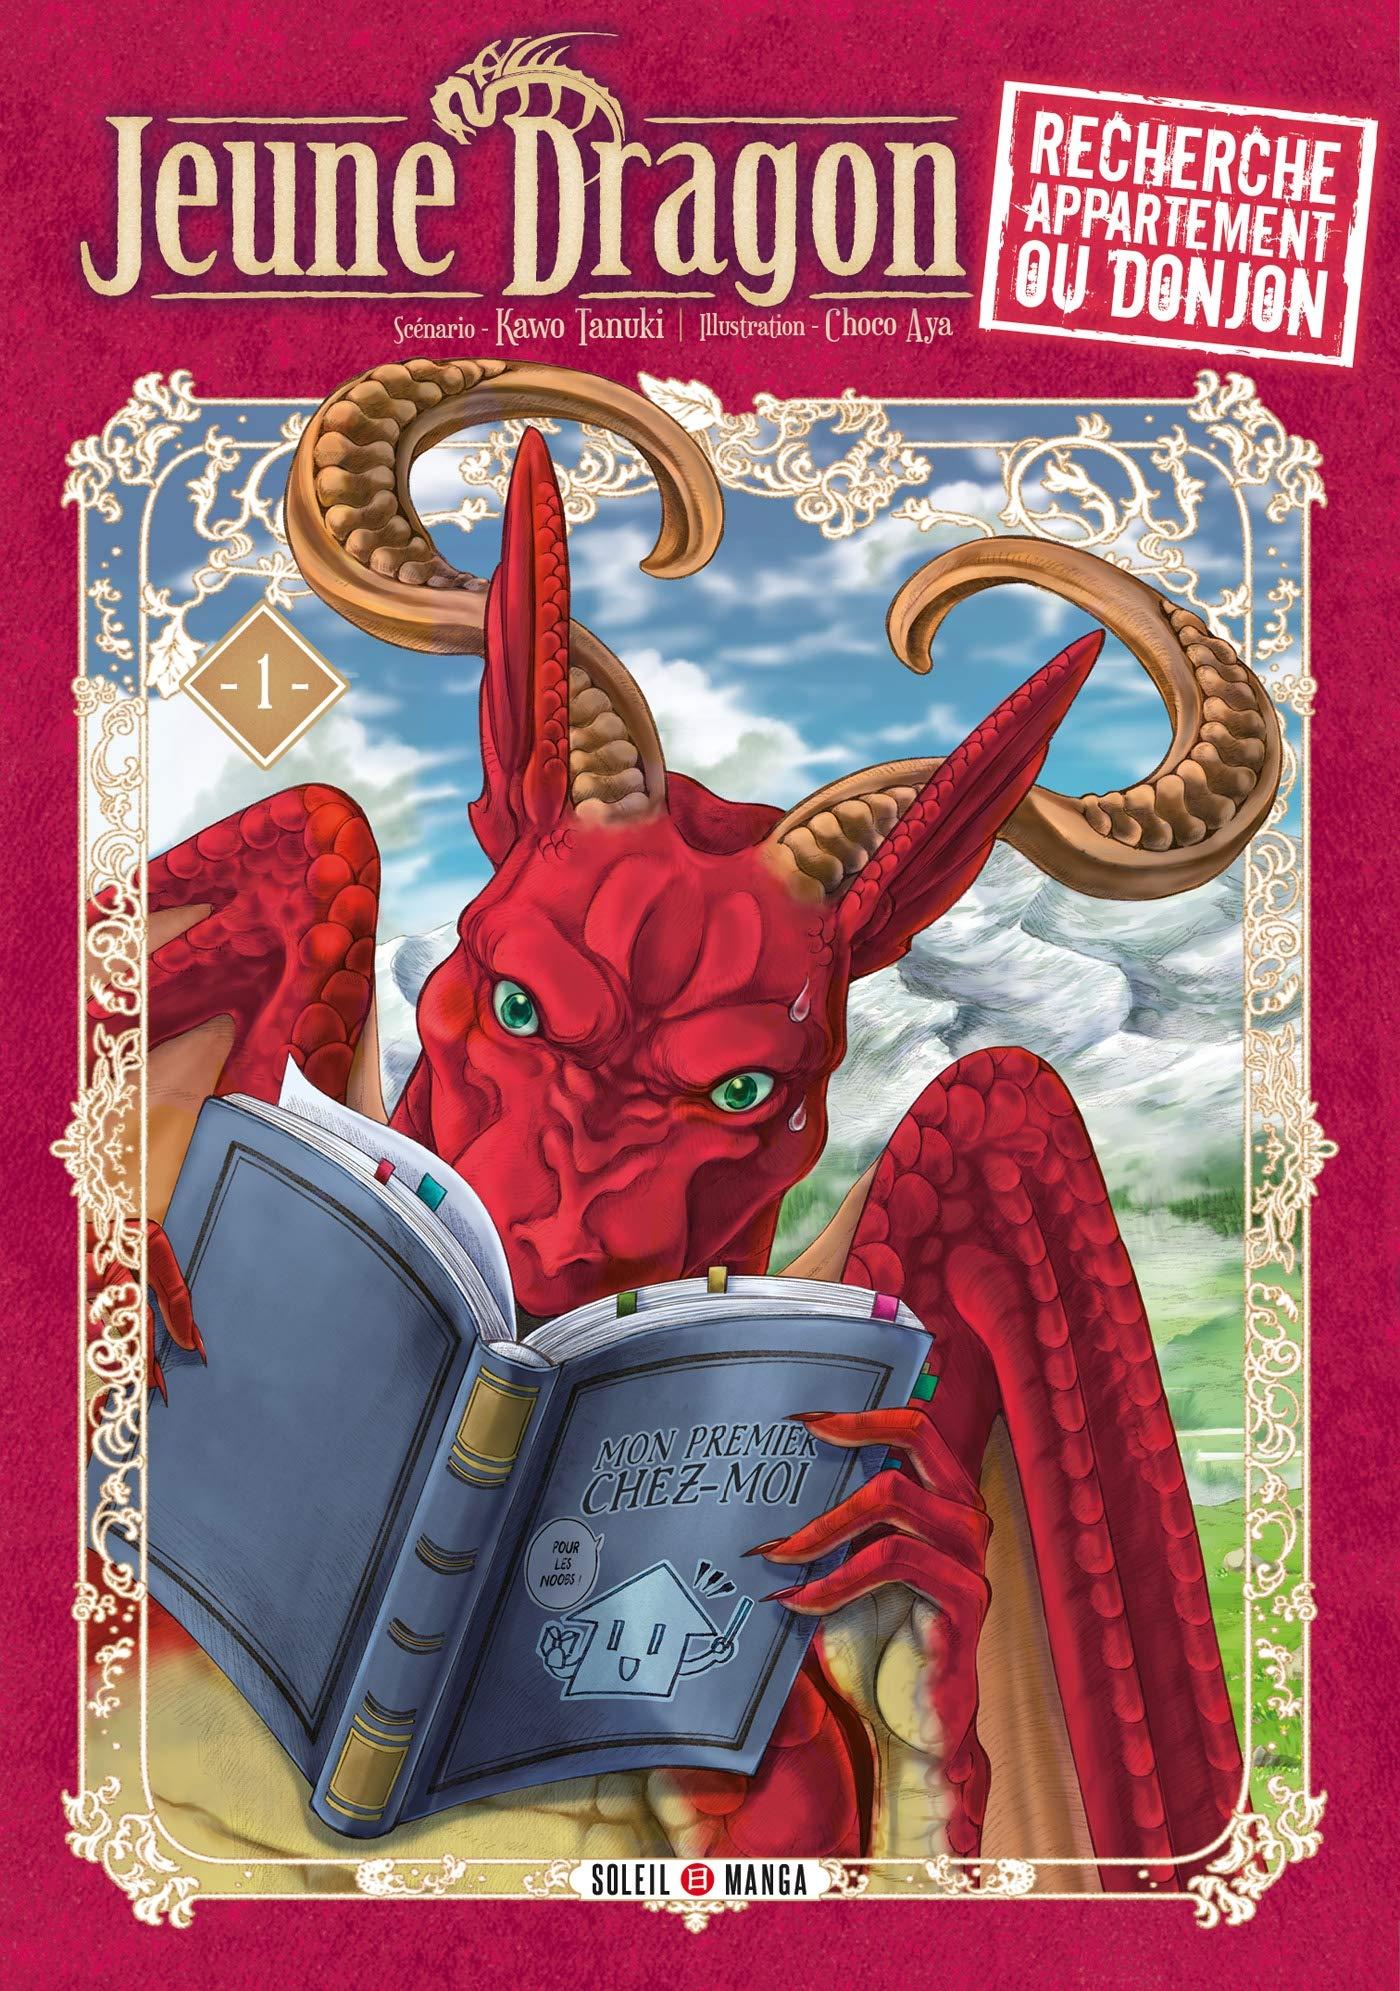 Jeune dragon recherche appartement ou donjon tome 1